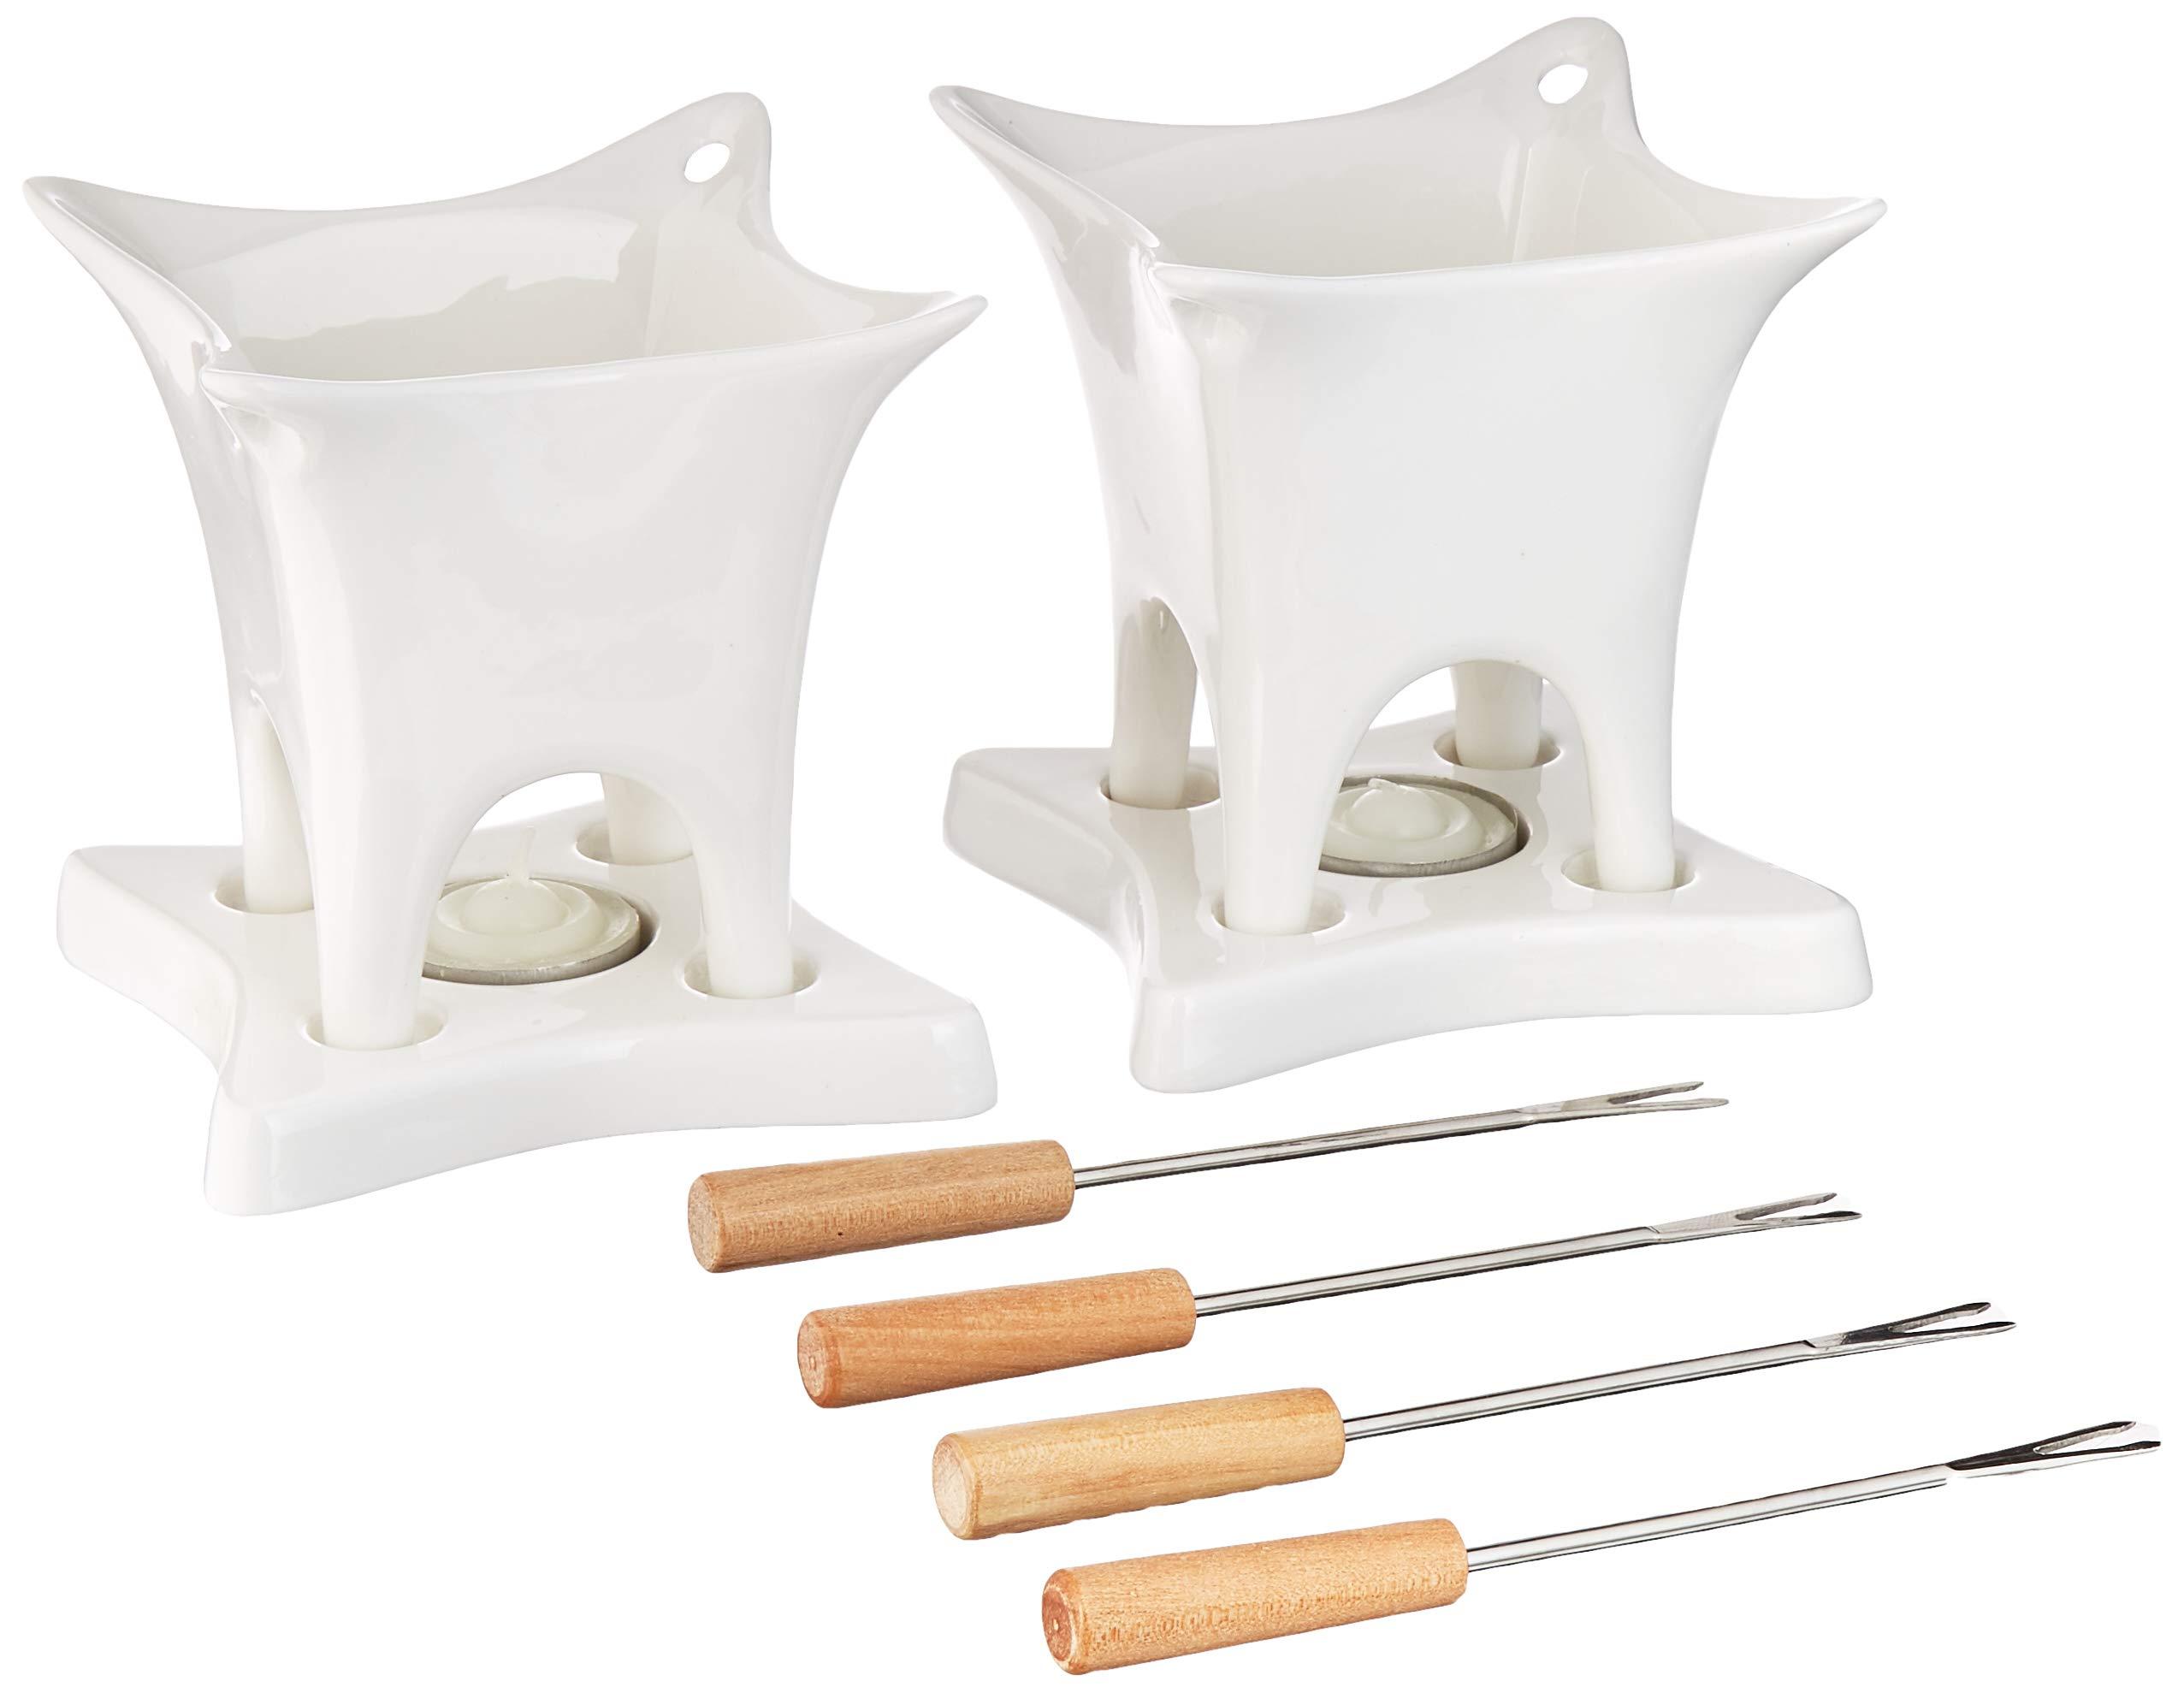 Swissmar F66202 Harmony 10 piece Dual Fondue & Butter Warmer Set, 10Piece, White by Swissmar